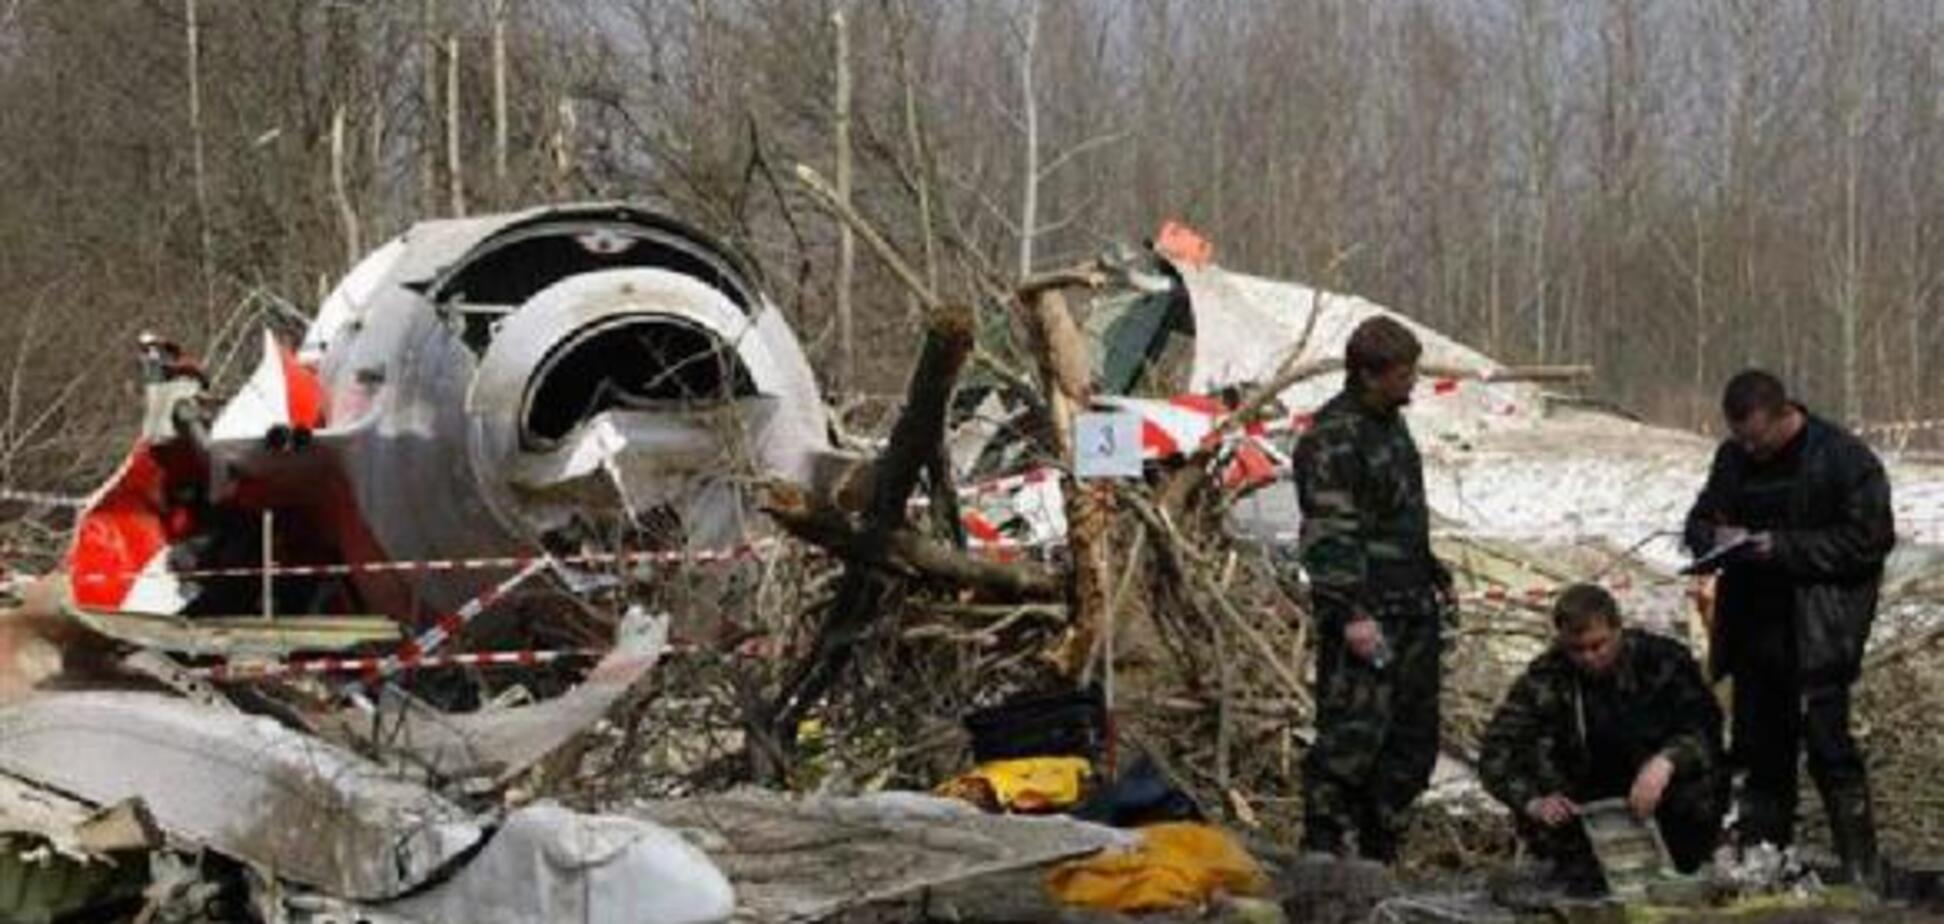 Тела выпадали из самолета: раскрыты страшные подробности Смоленской трагедии